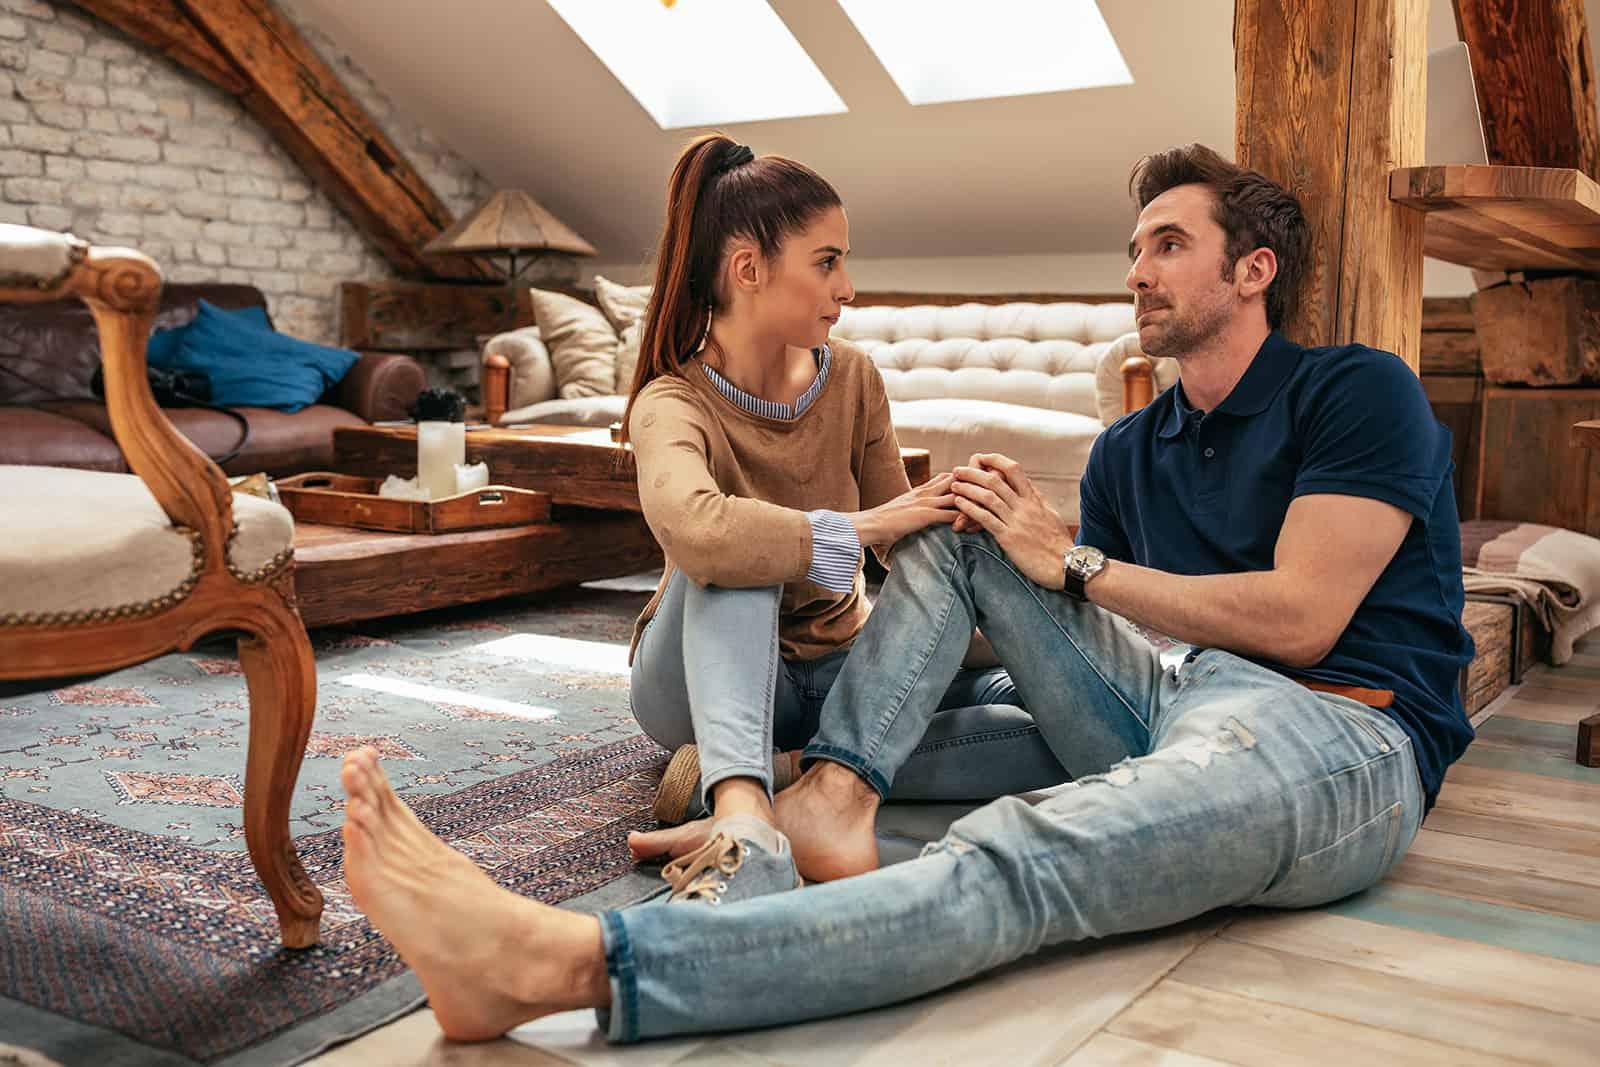 Ein Paar sitzt auf dem Boden und redet, während es sich an den Händen hält